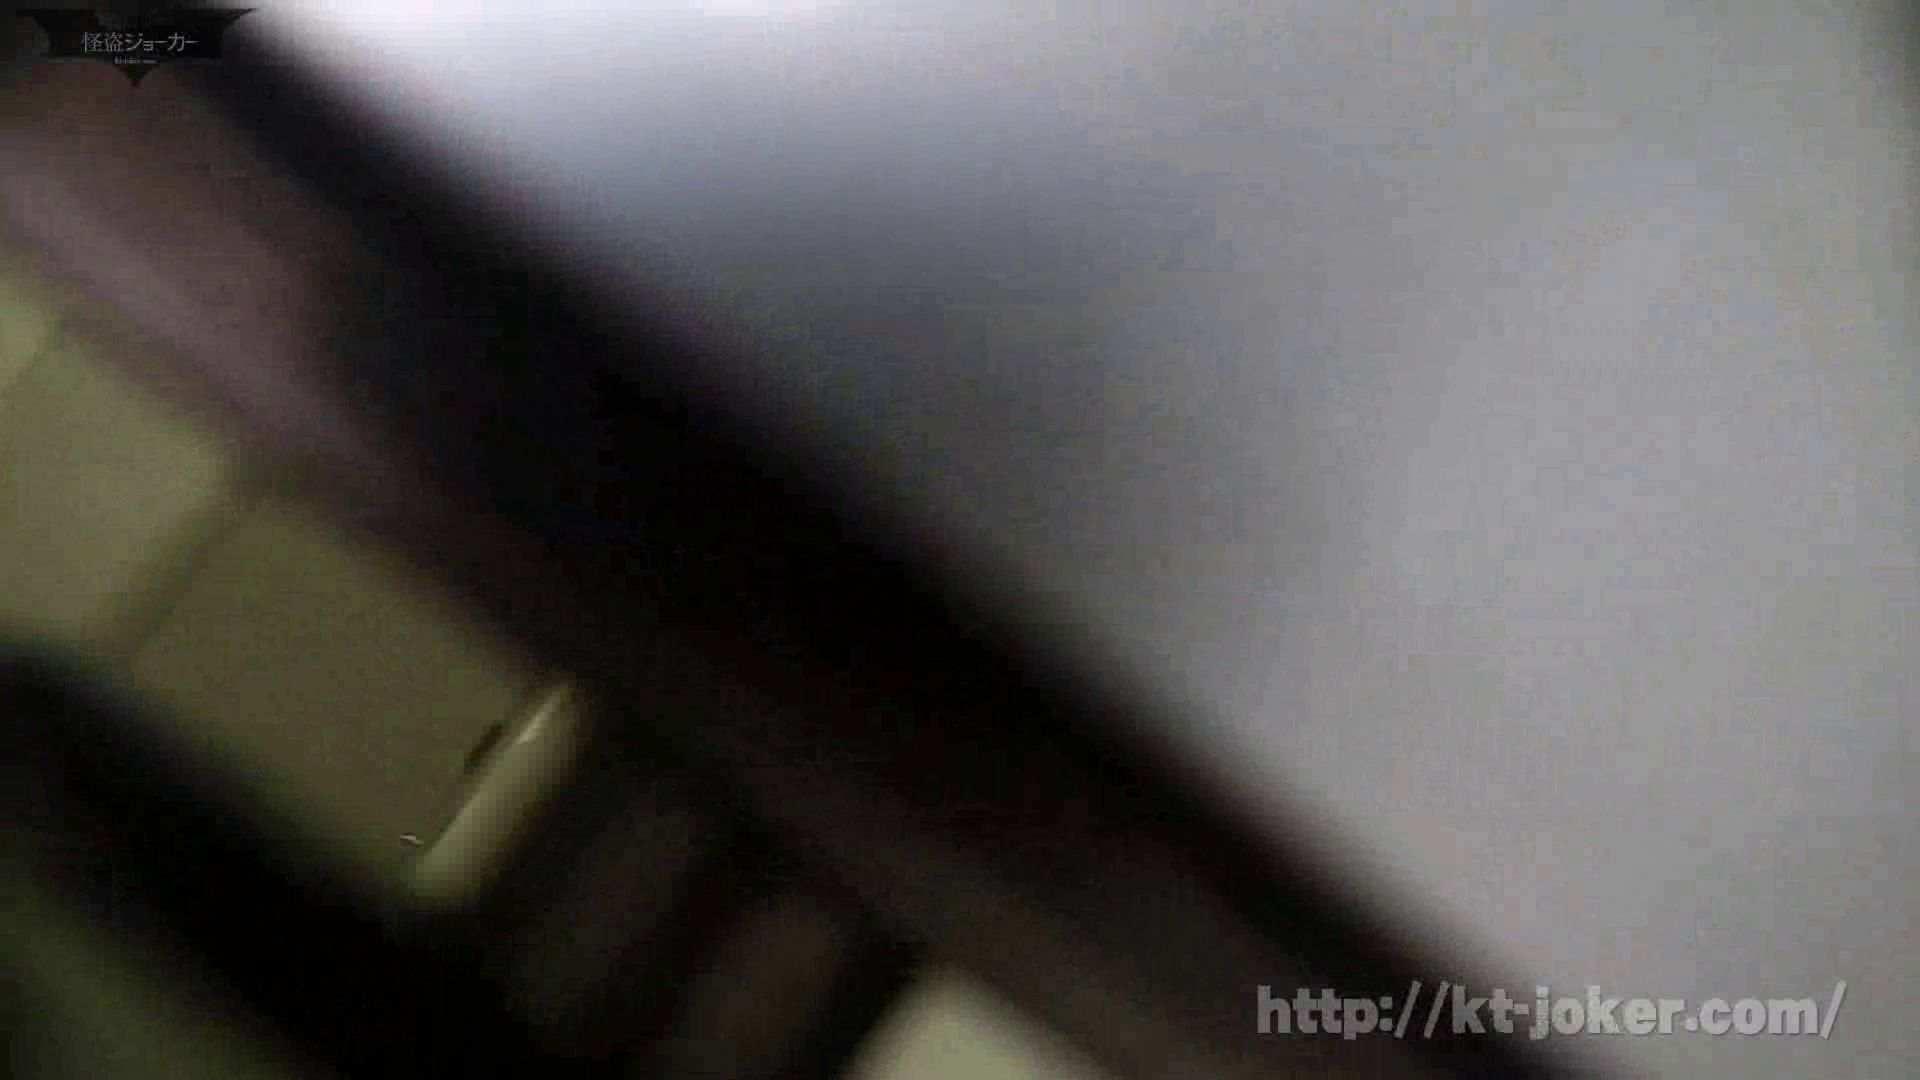 命がけ潜伏洗面所! vol.53 まず並ぶ所から!決して真似しないでください 洗面所 オメコ無修正動画無料 80pic 46